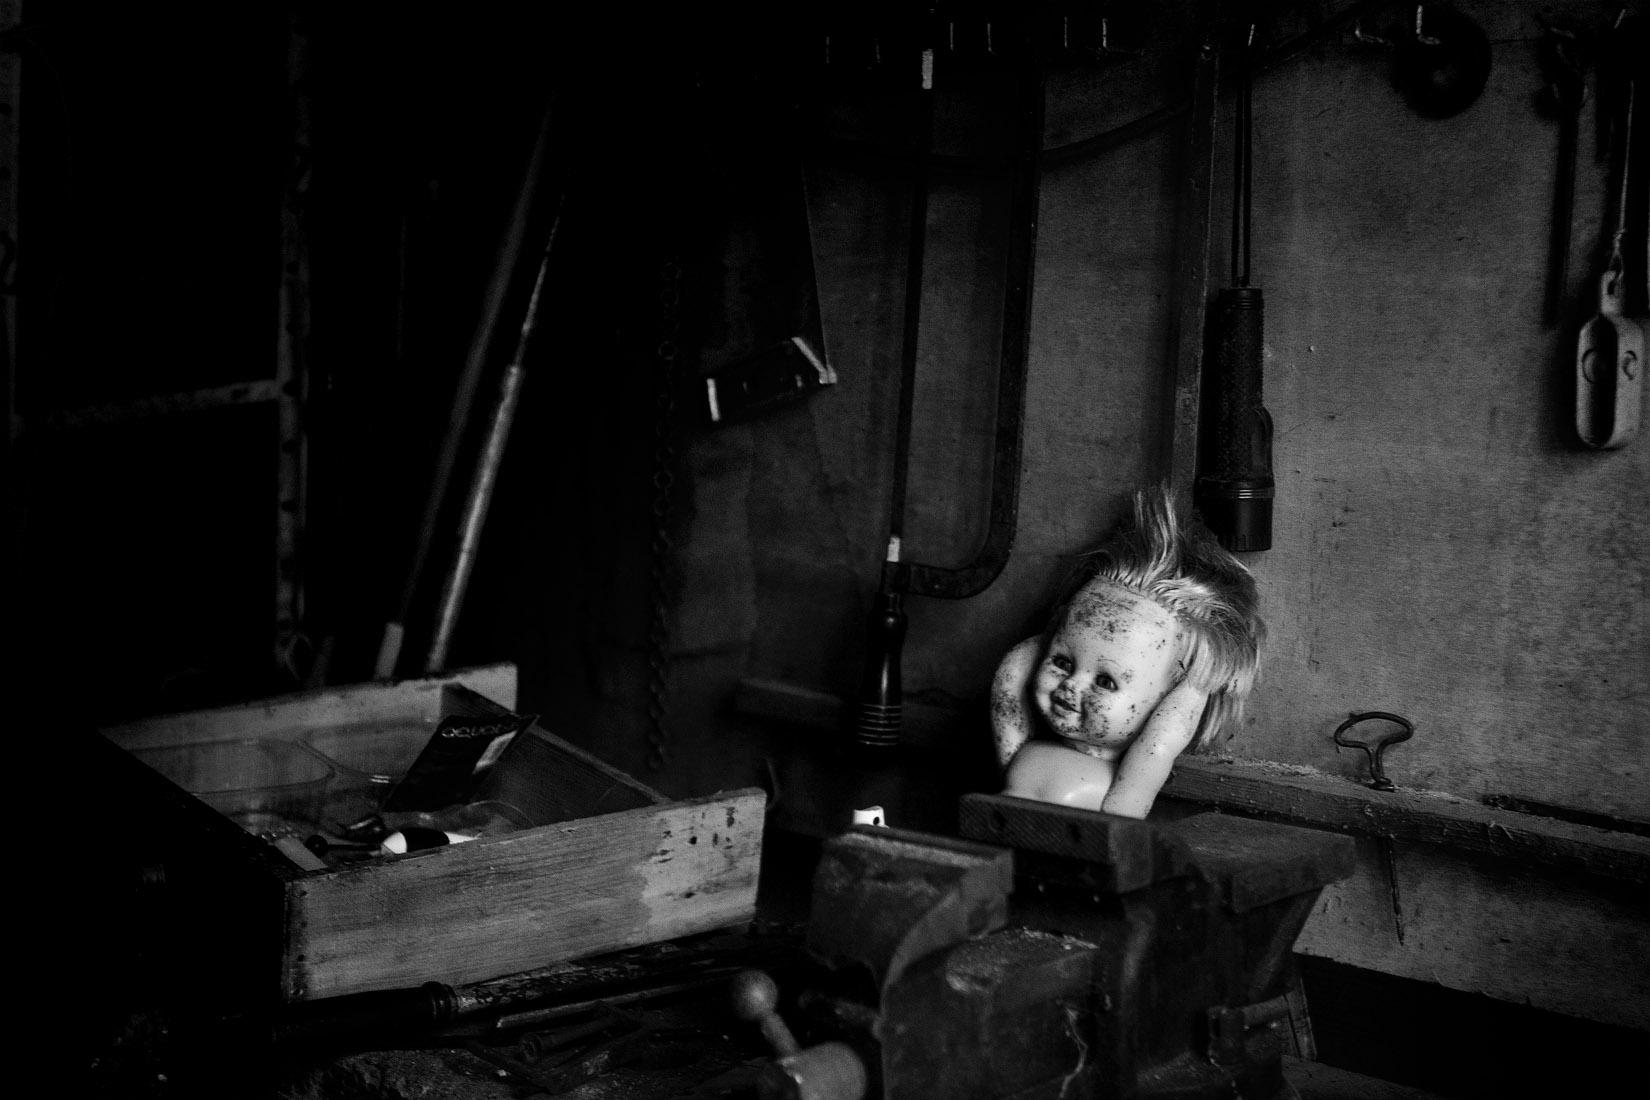 Une poupée abandonnée dans un atelier de bricolage